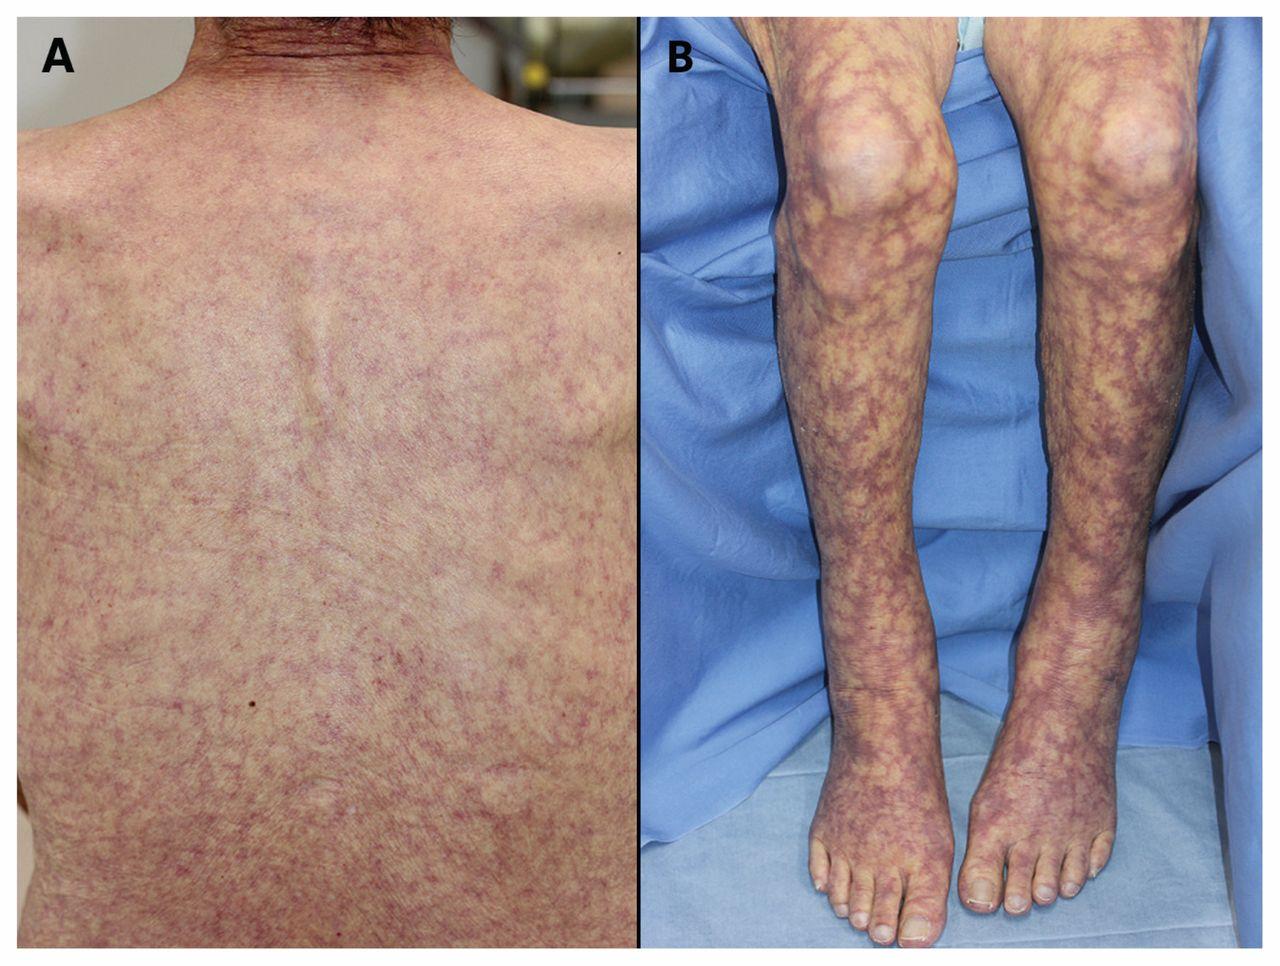 Cold agglutinin disease presenting as livedo racemosa | CMAJ